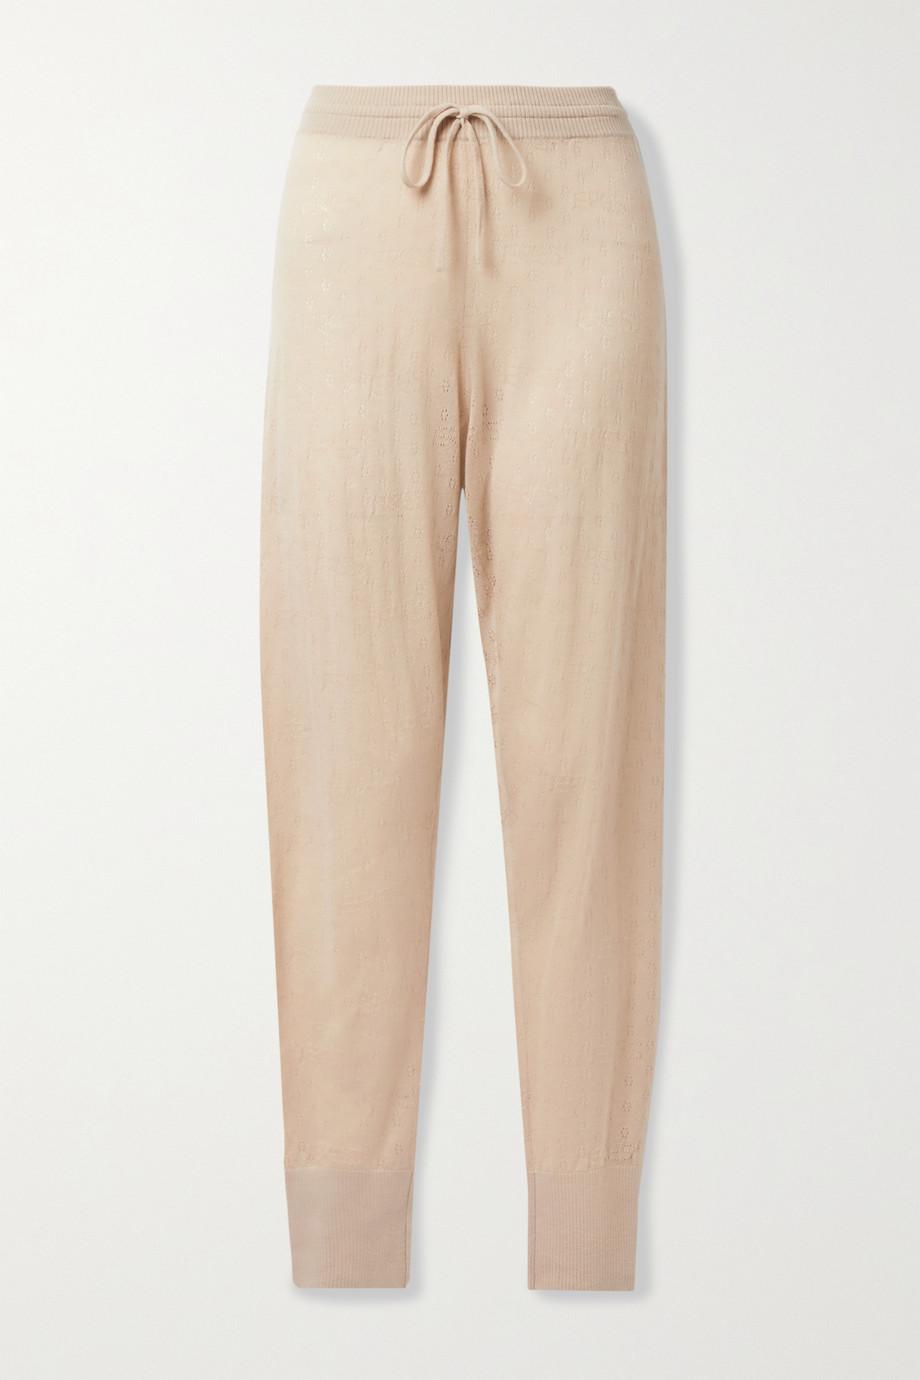 Eres Pimpant pointelle-knit cashmere track pants